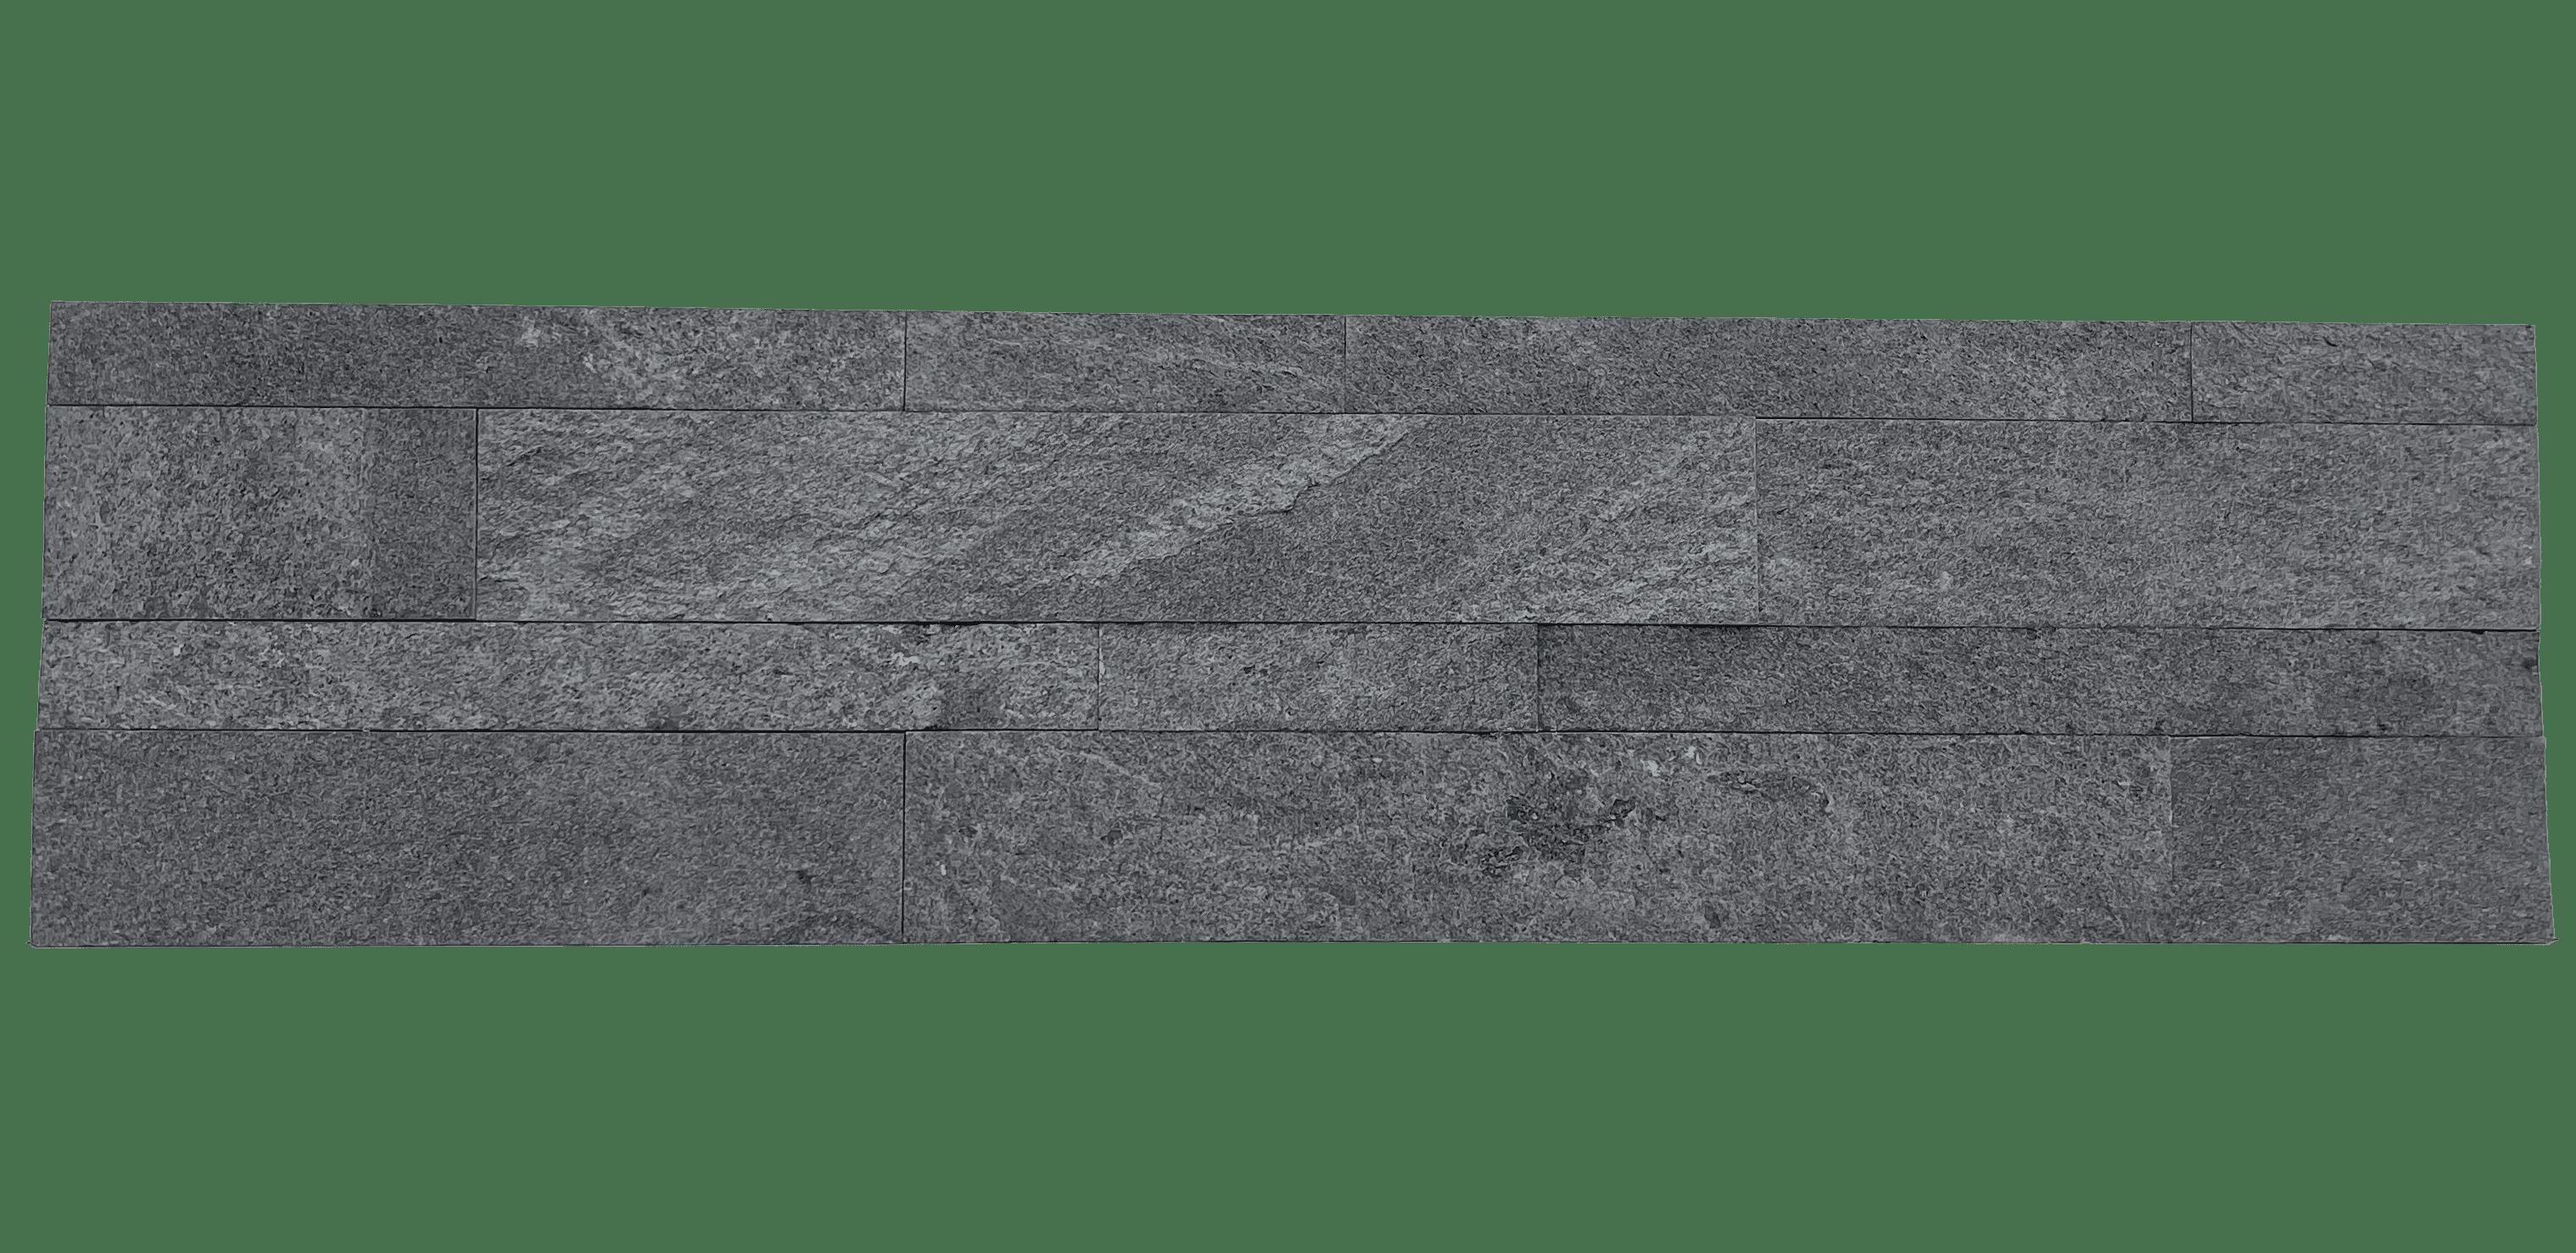 Wandverkleidung Dünnschiefer 2020